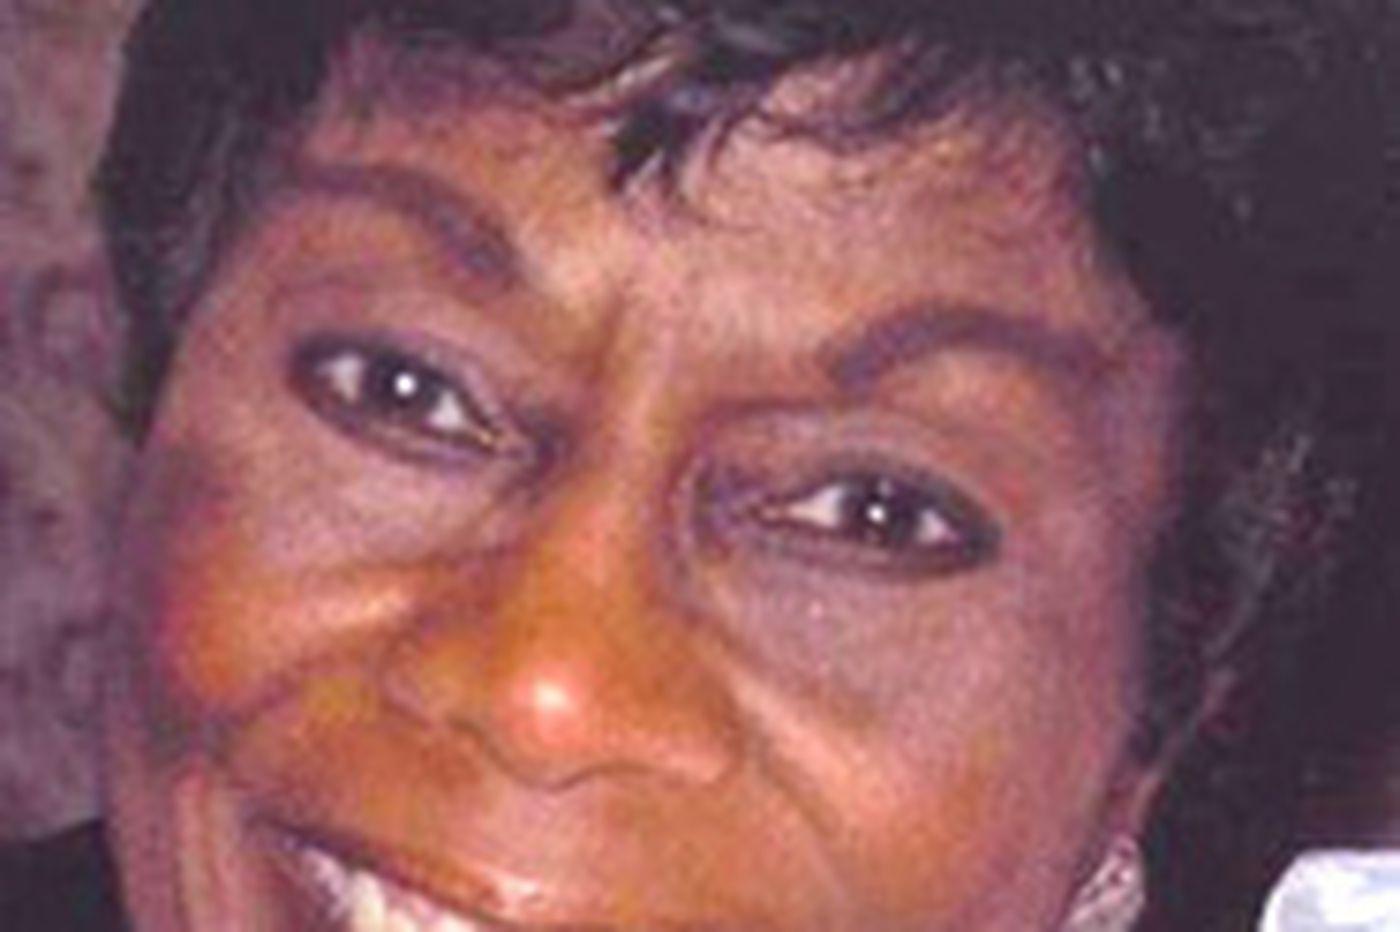 Bernice Kidd Bell | Schoolteacher, 79